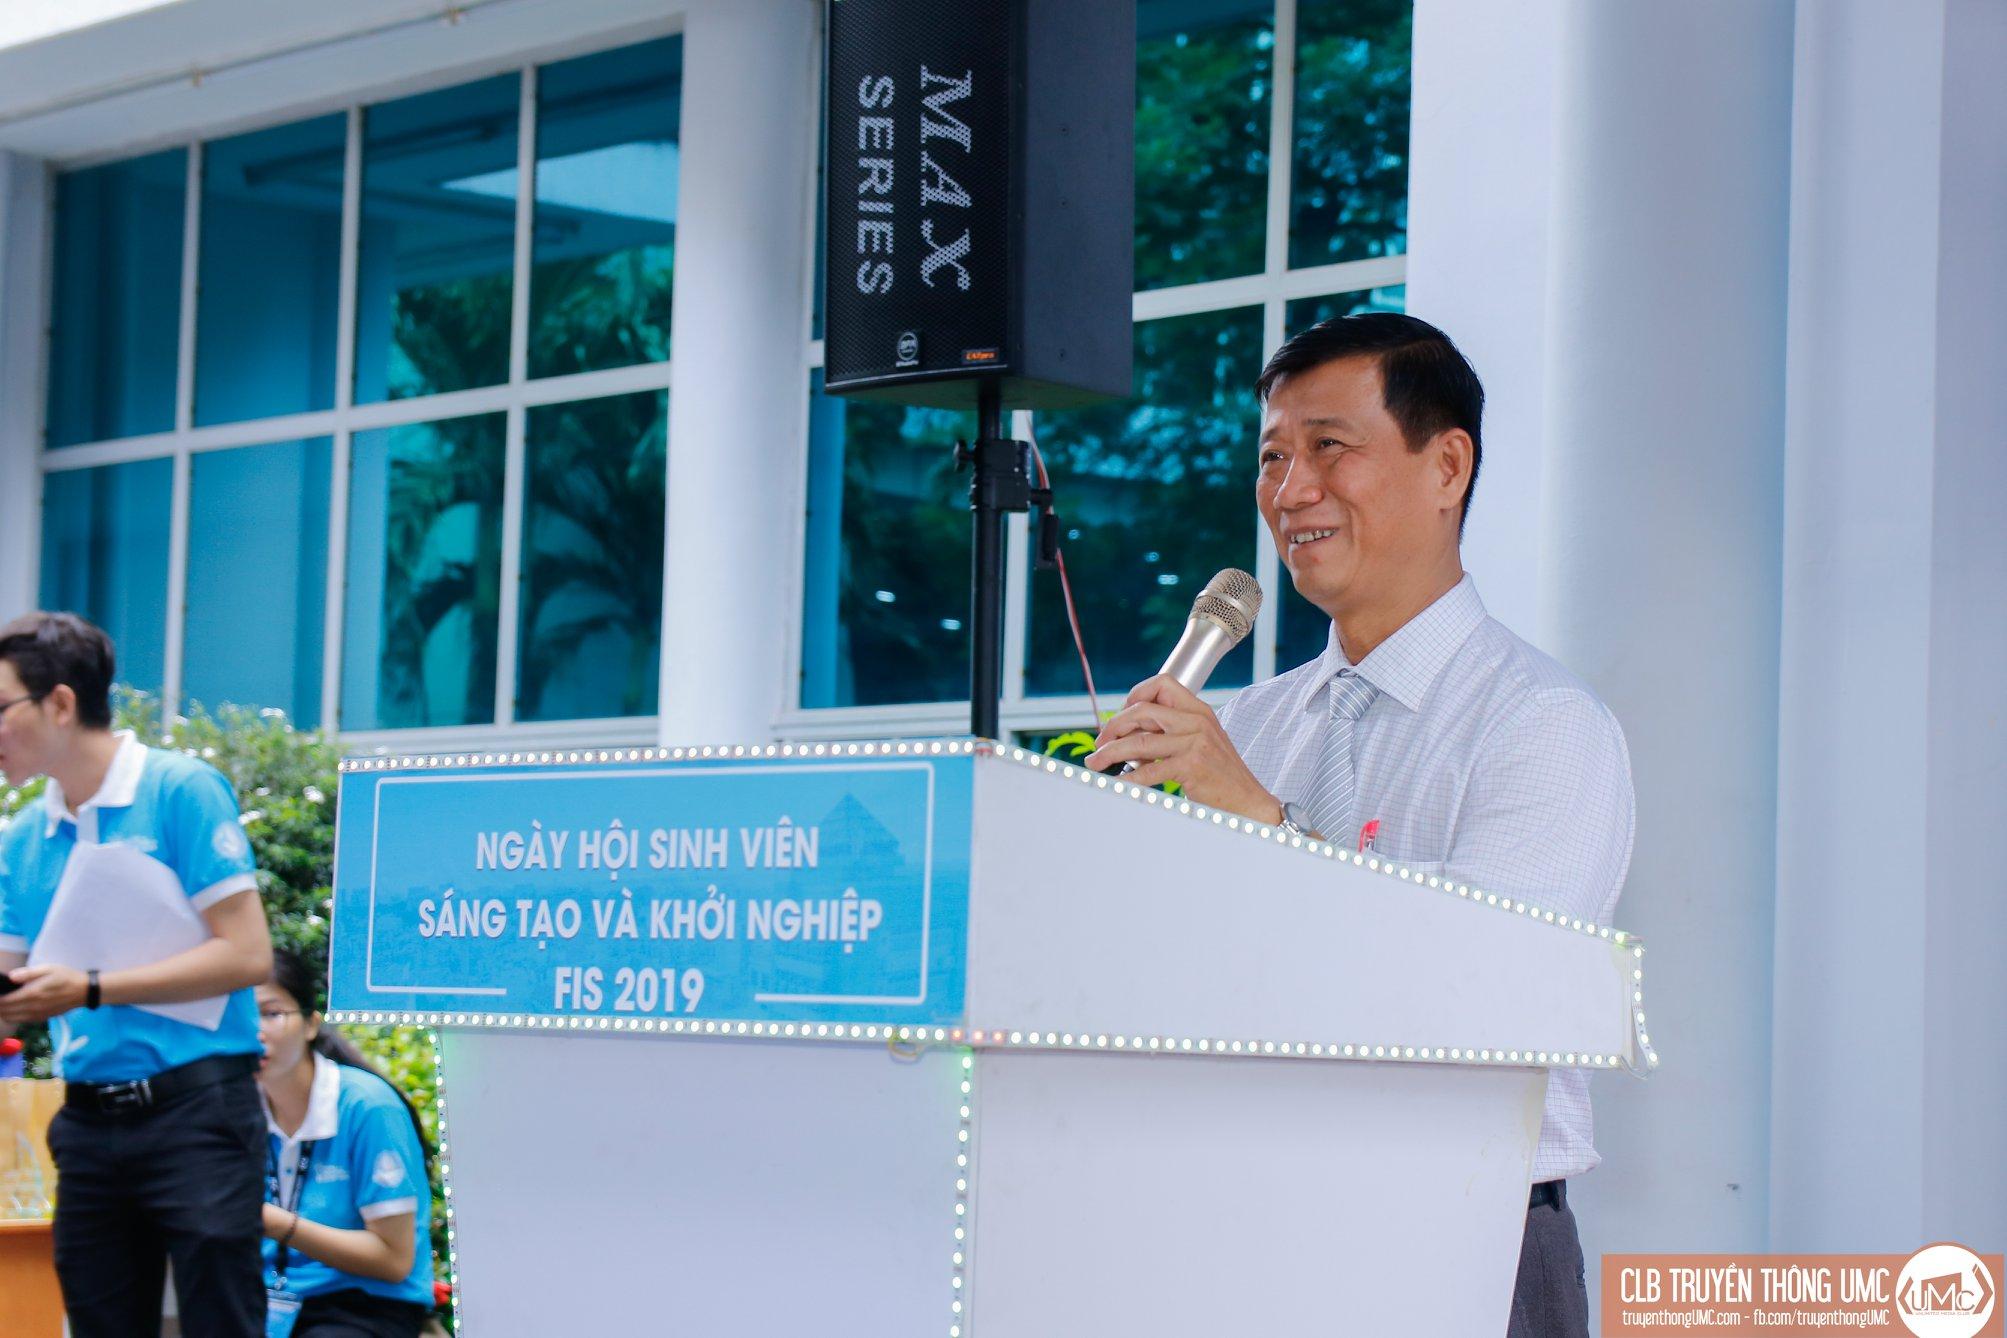 PGS.TS Lê Văn Tán – Phó Hiệu trưởng Trường Đại học Công nghiệp TPHCM